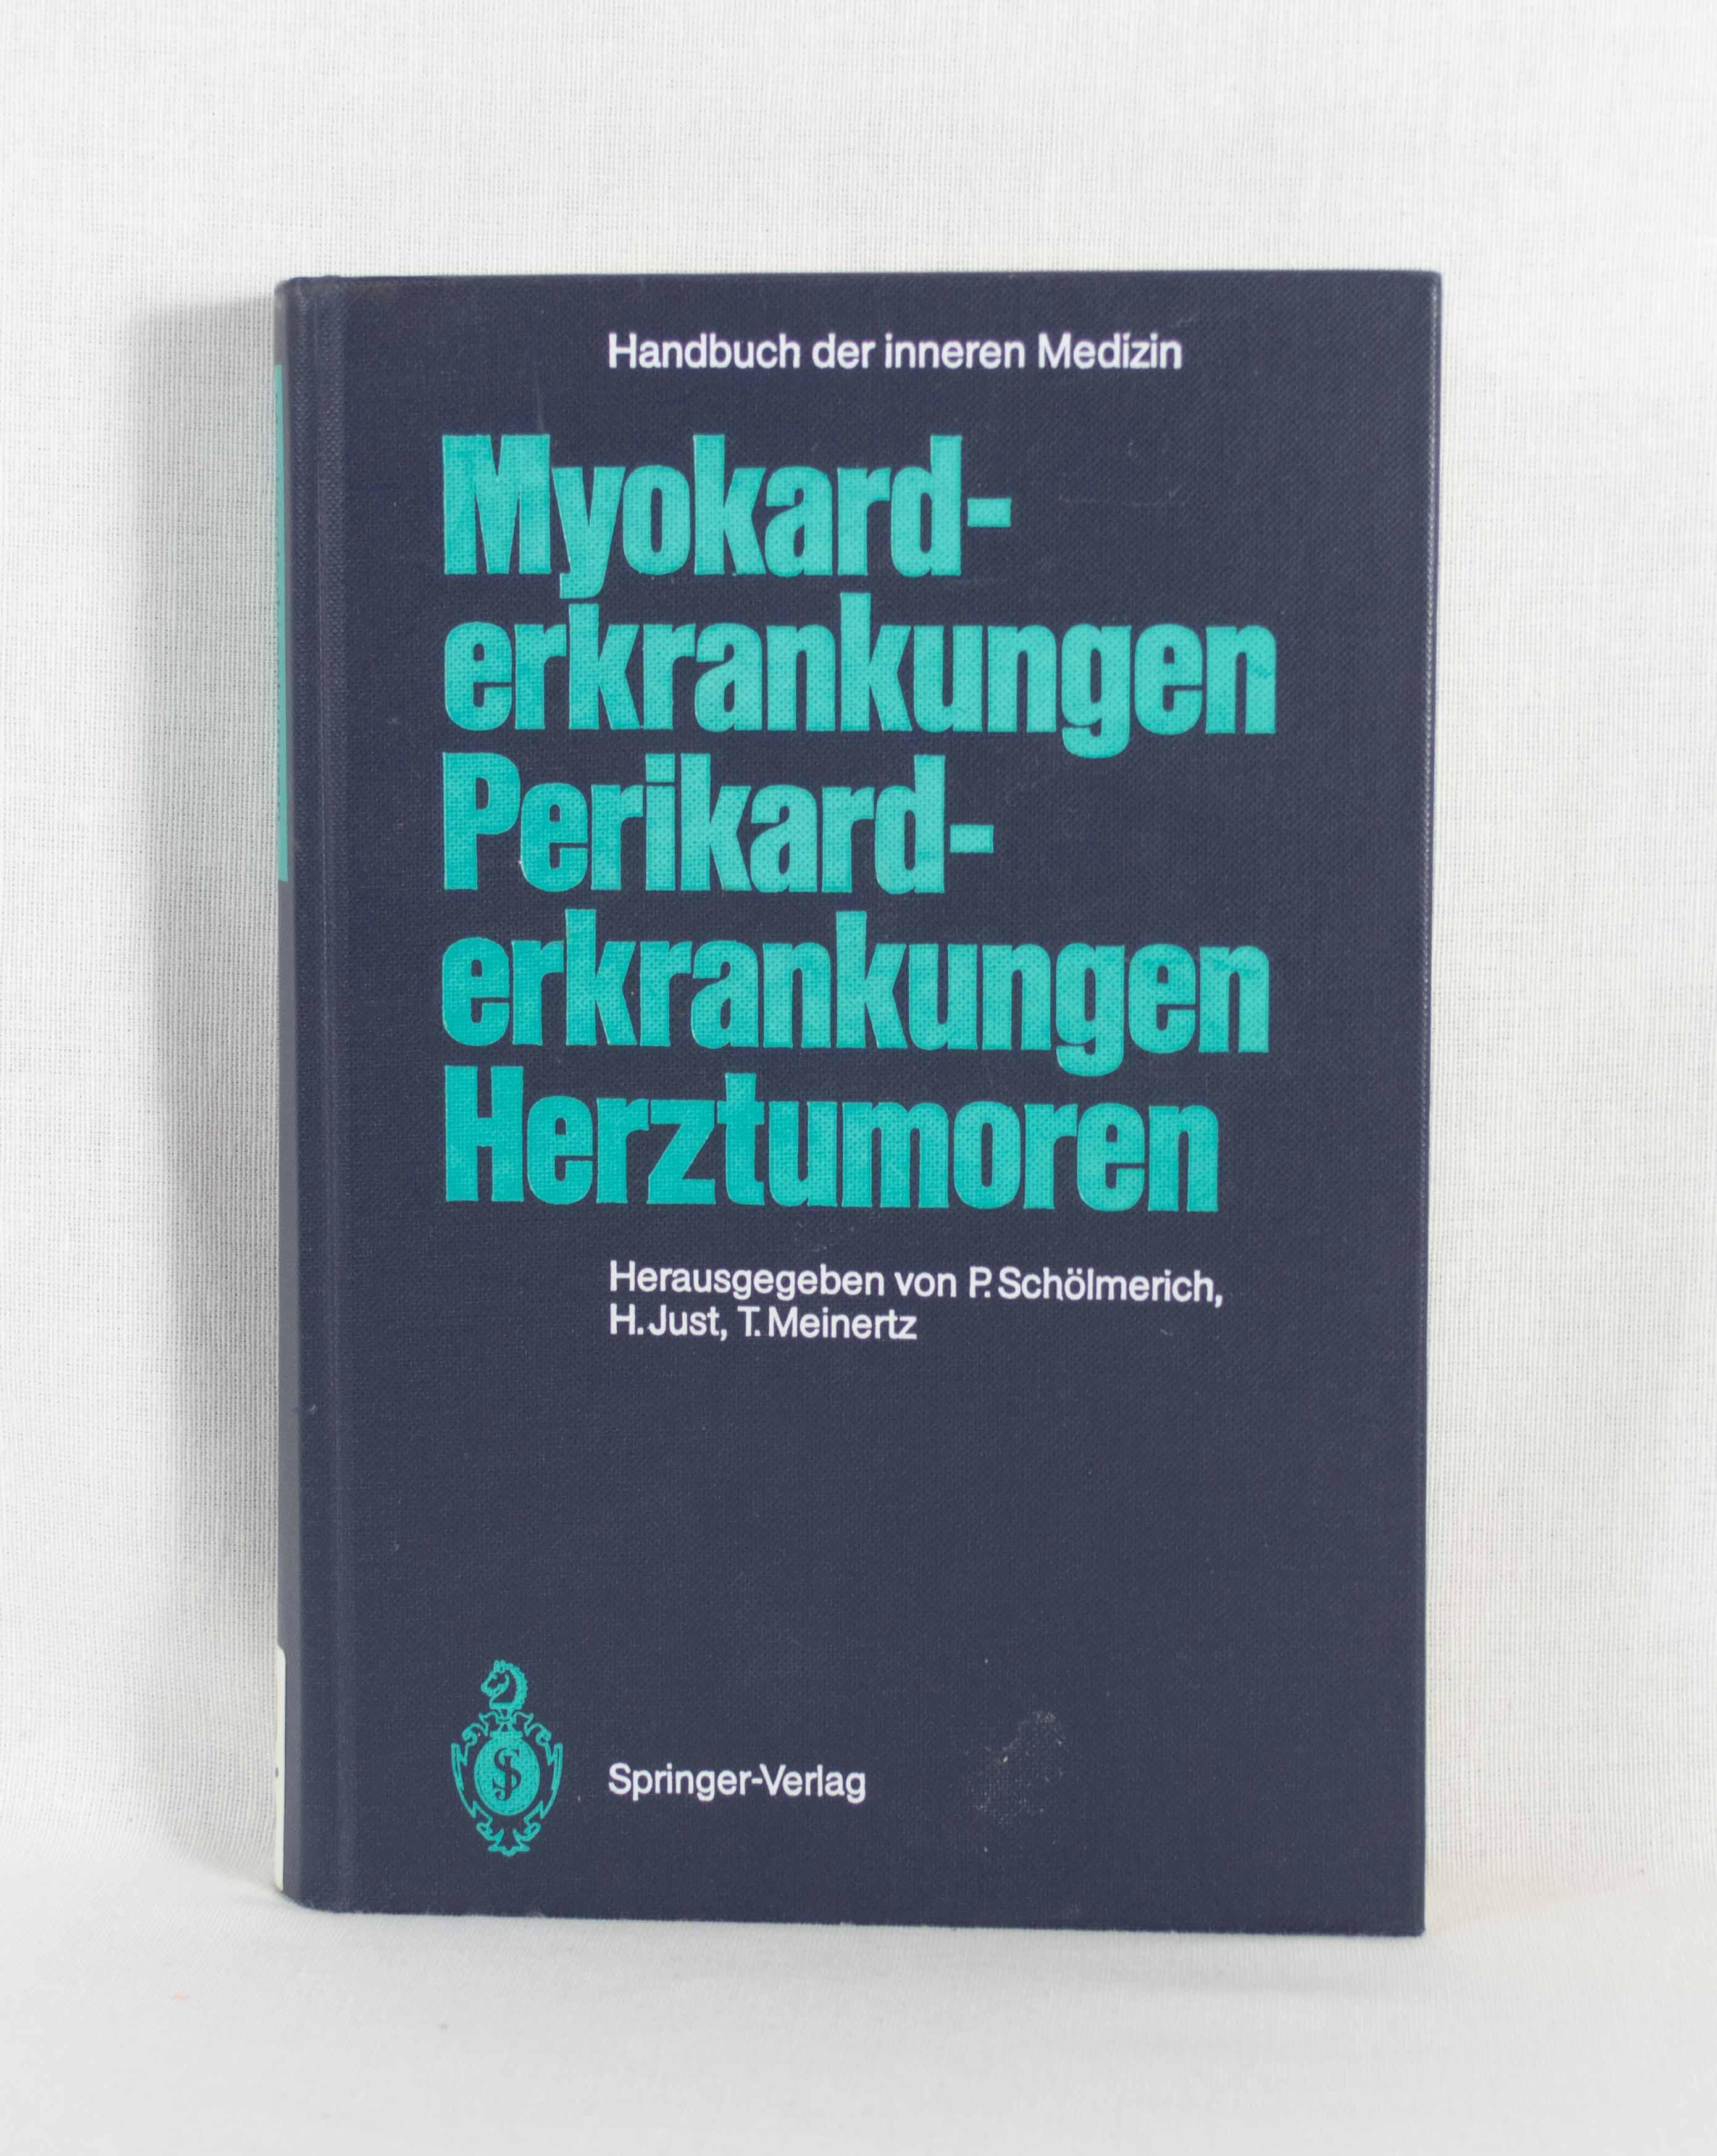 Myokarderkrankungen, Perikarderkrankungen, Herztumoren. (= Handbuch der inneren Medizin ; Bd. 9, Teil 5). - Schölmerich, Paul, T. Just und T. Meinertz (Hrsg.)